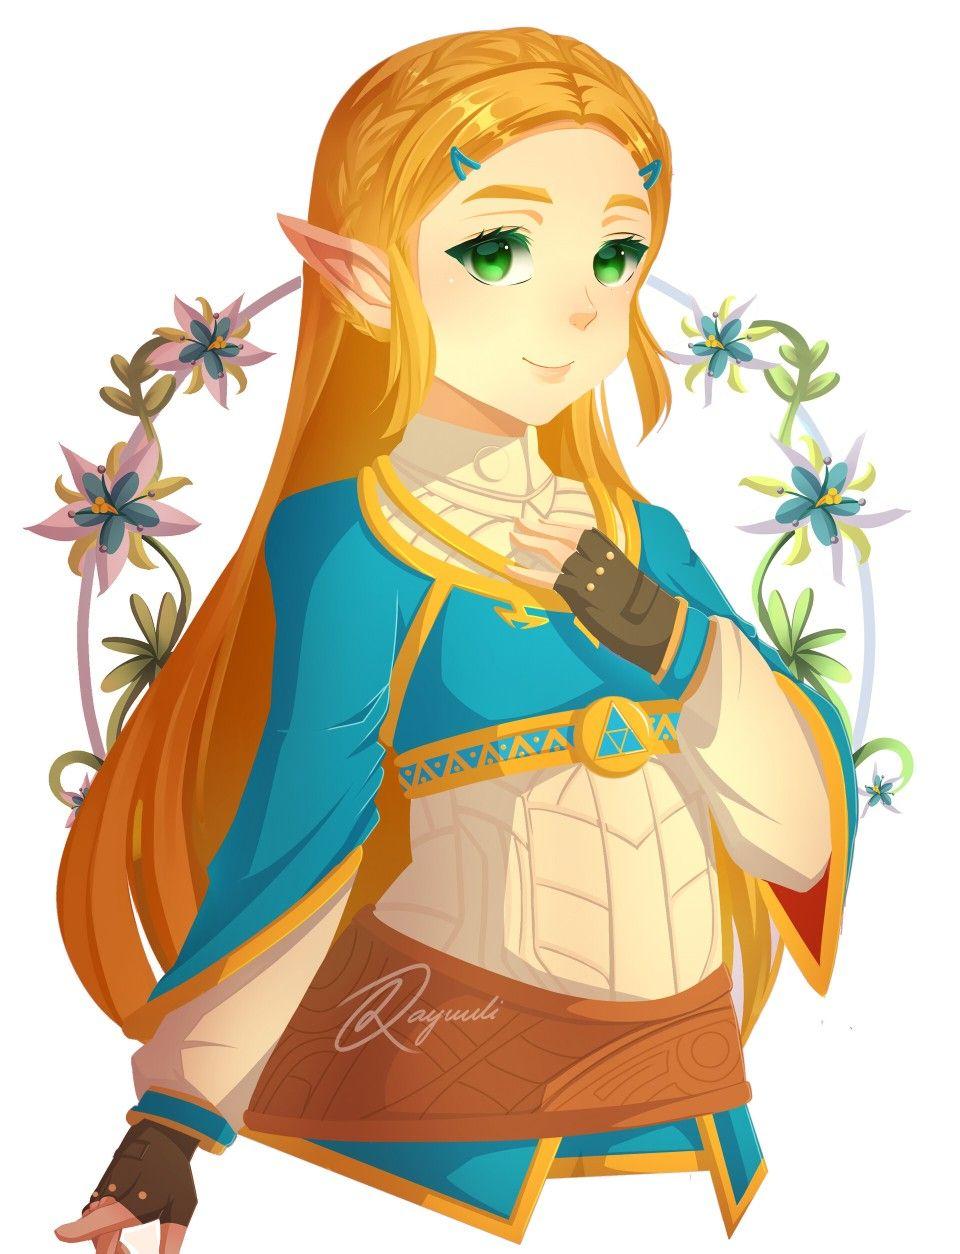 Legend Of Zelda Breath Of The Wild Art Princess Zelda Botw By Kay Uuli On Artstation Botw Zelda Legend Of Zelda Breath Legend Of Zelda